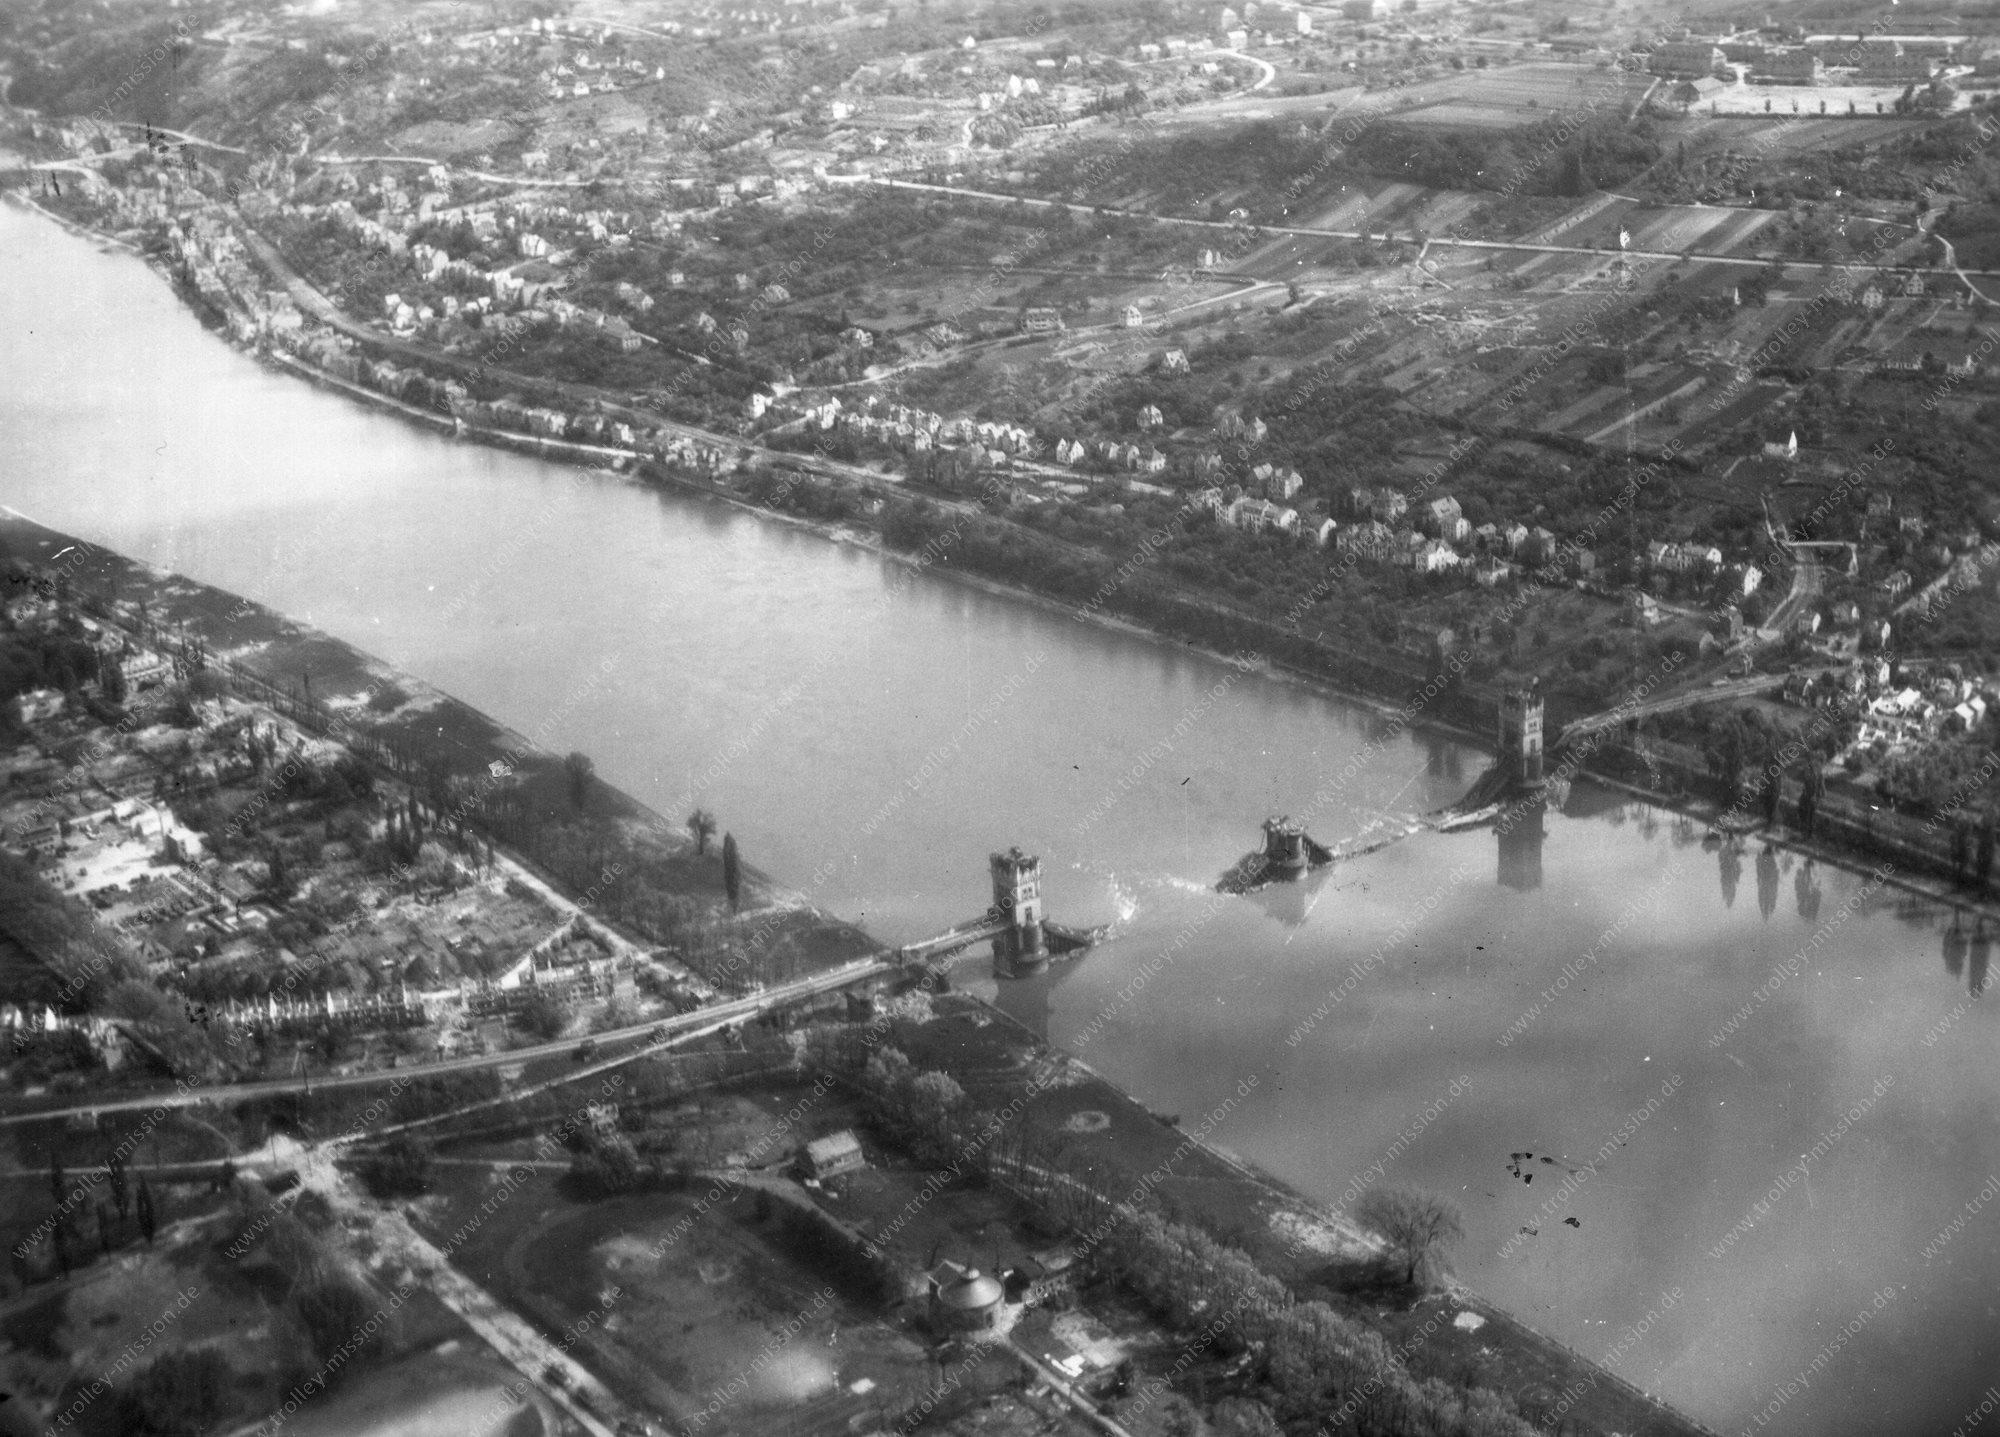 Koblenz Horchheimer Brücke Luftbild im Zweiten Weltkrieg